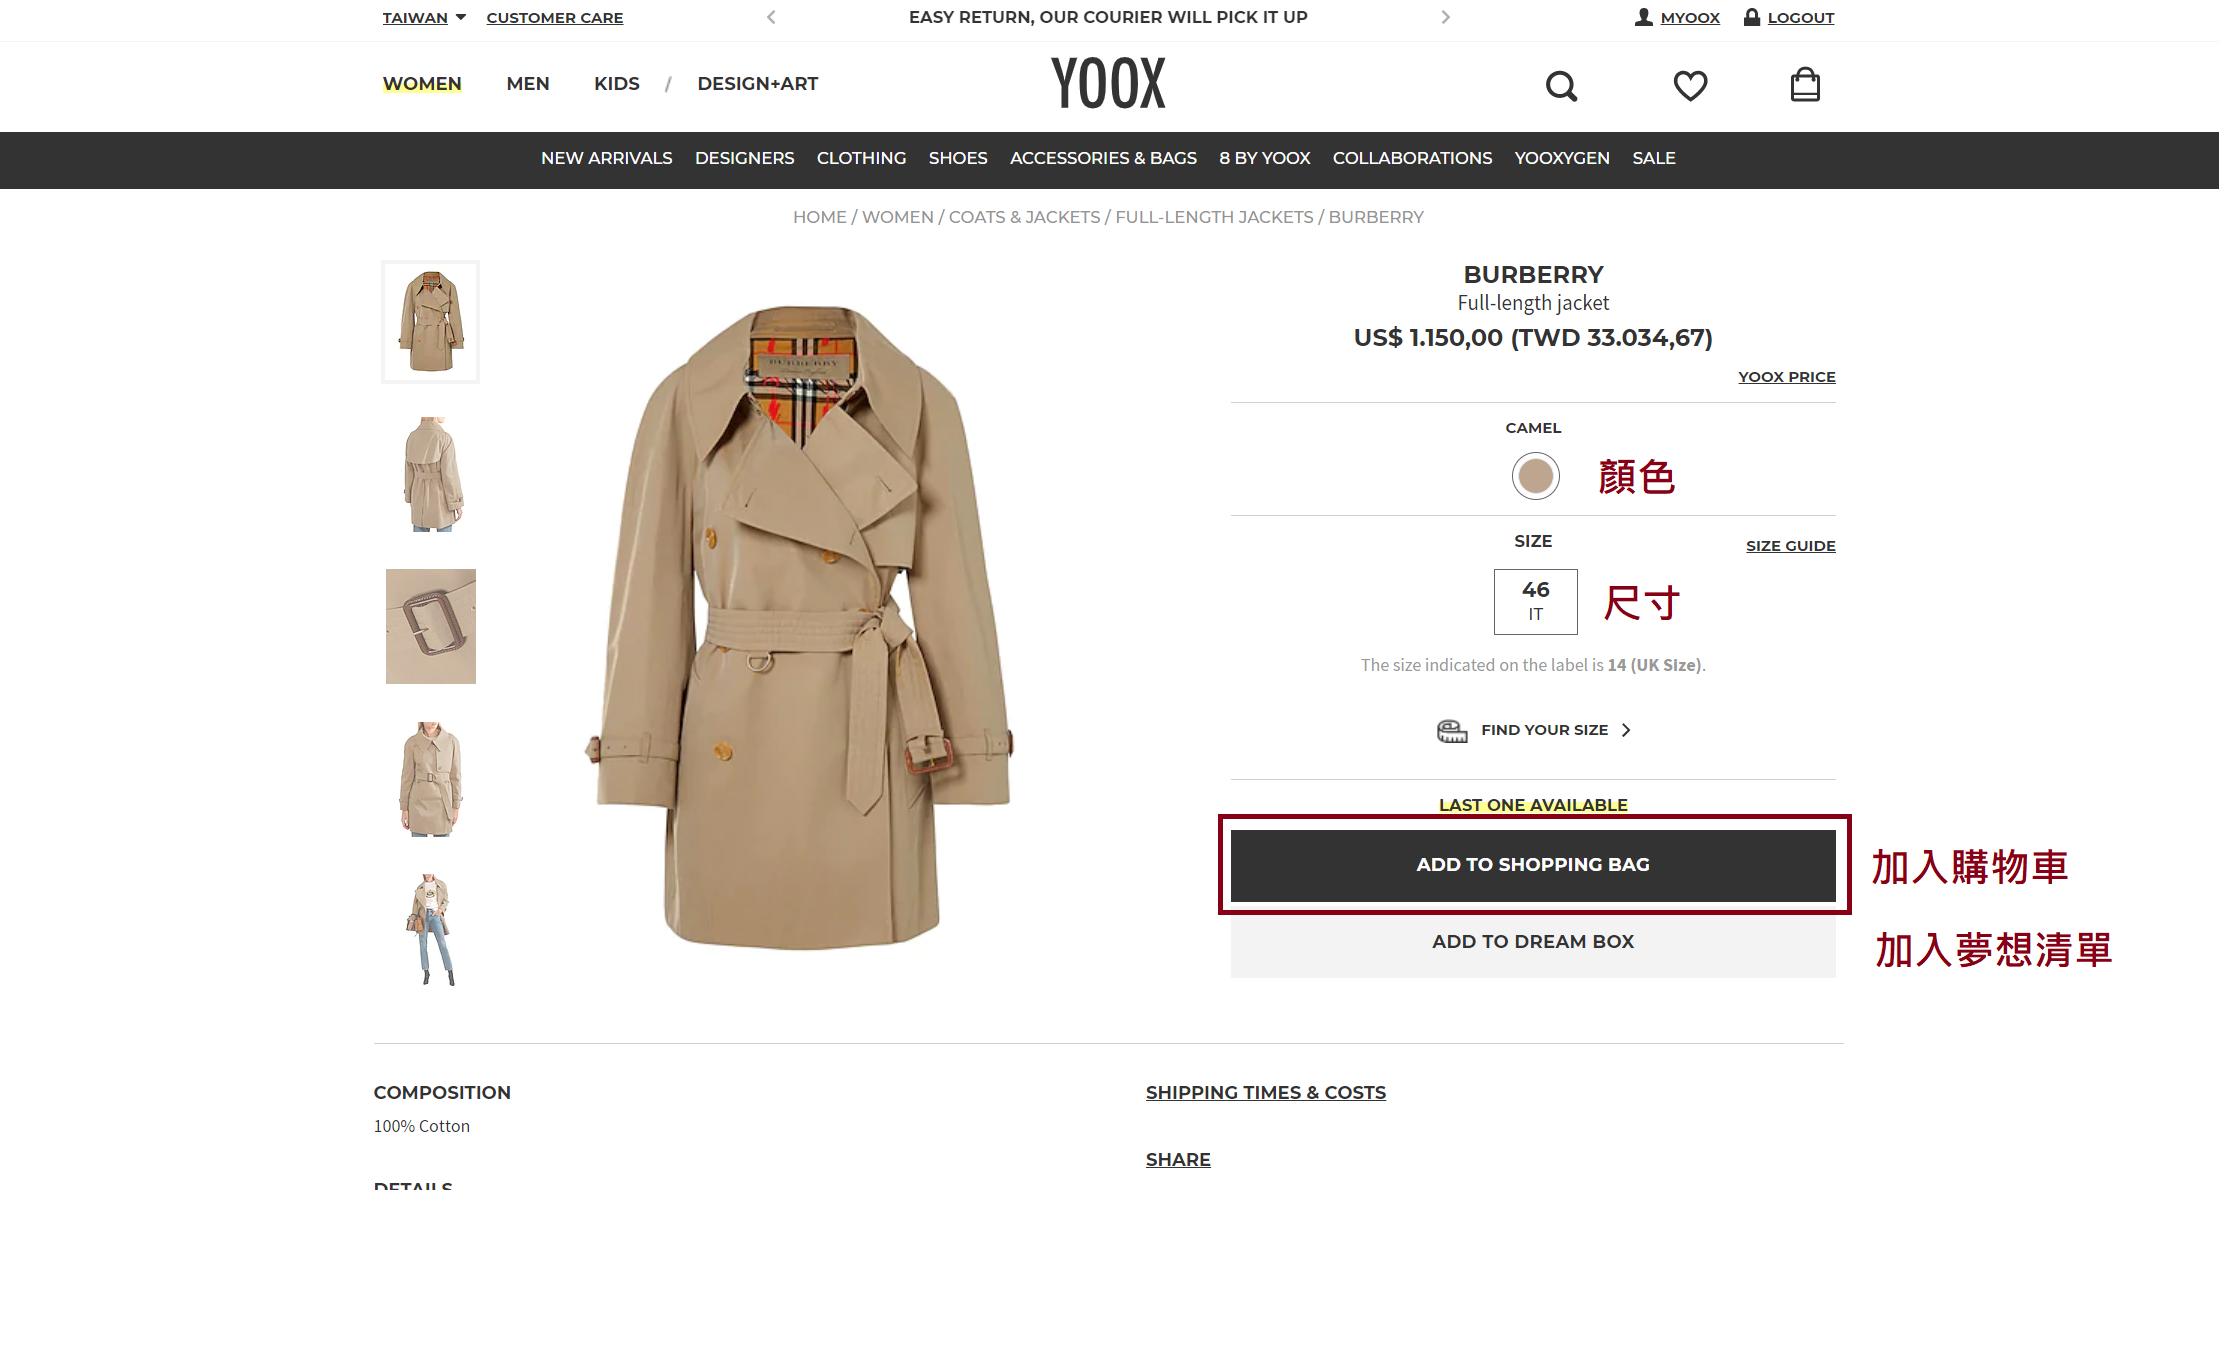 YOOX 購買教學-加入購物車